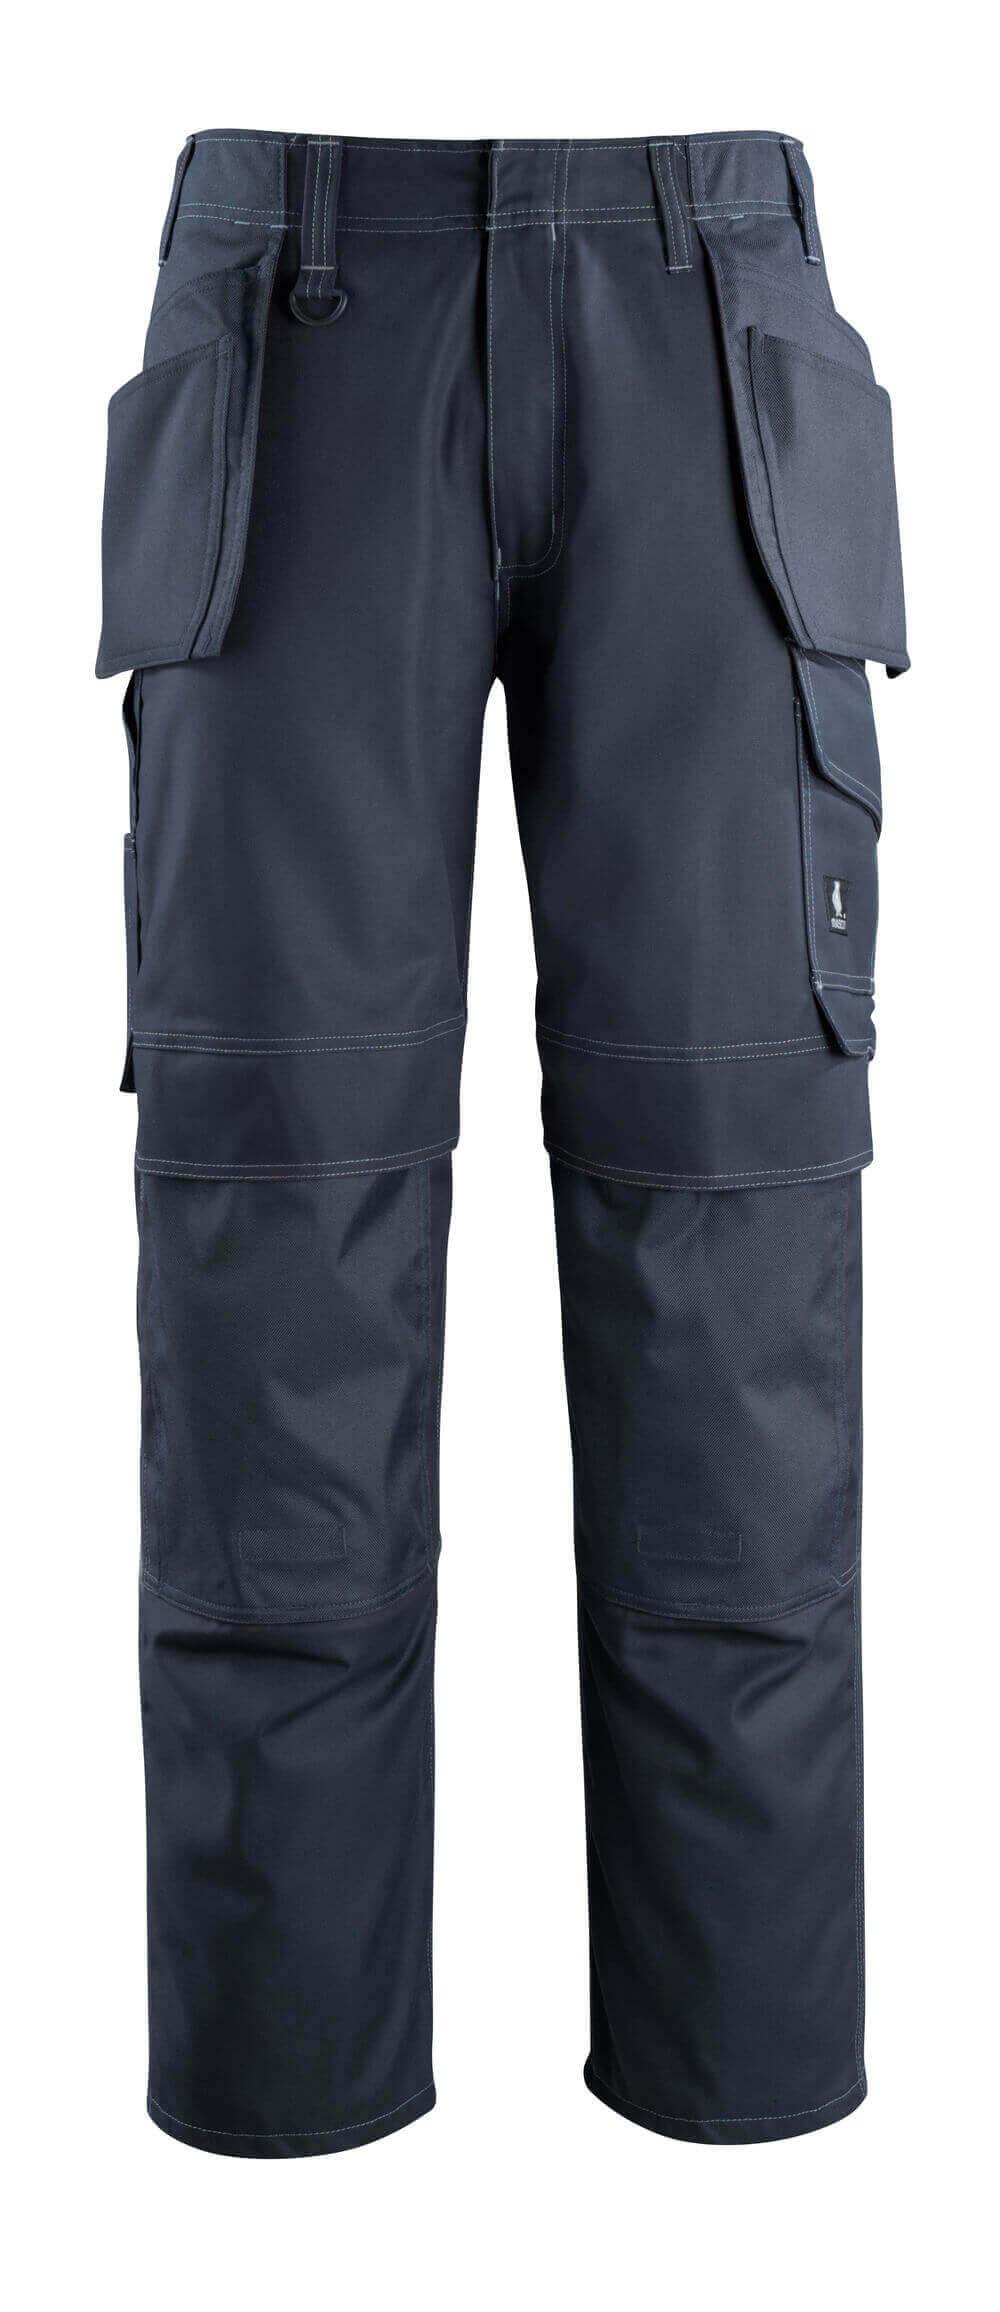 10131-154-010 Bukser med hængelommer - mørk marine